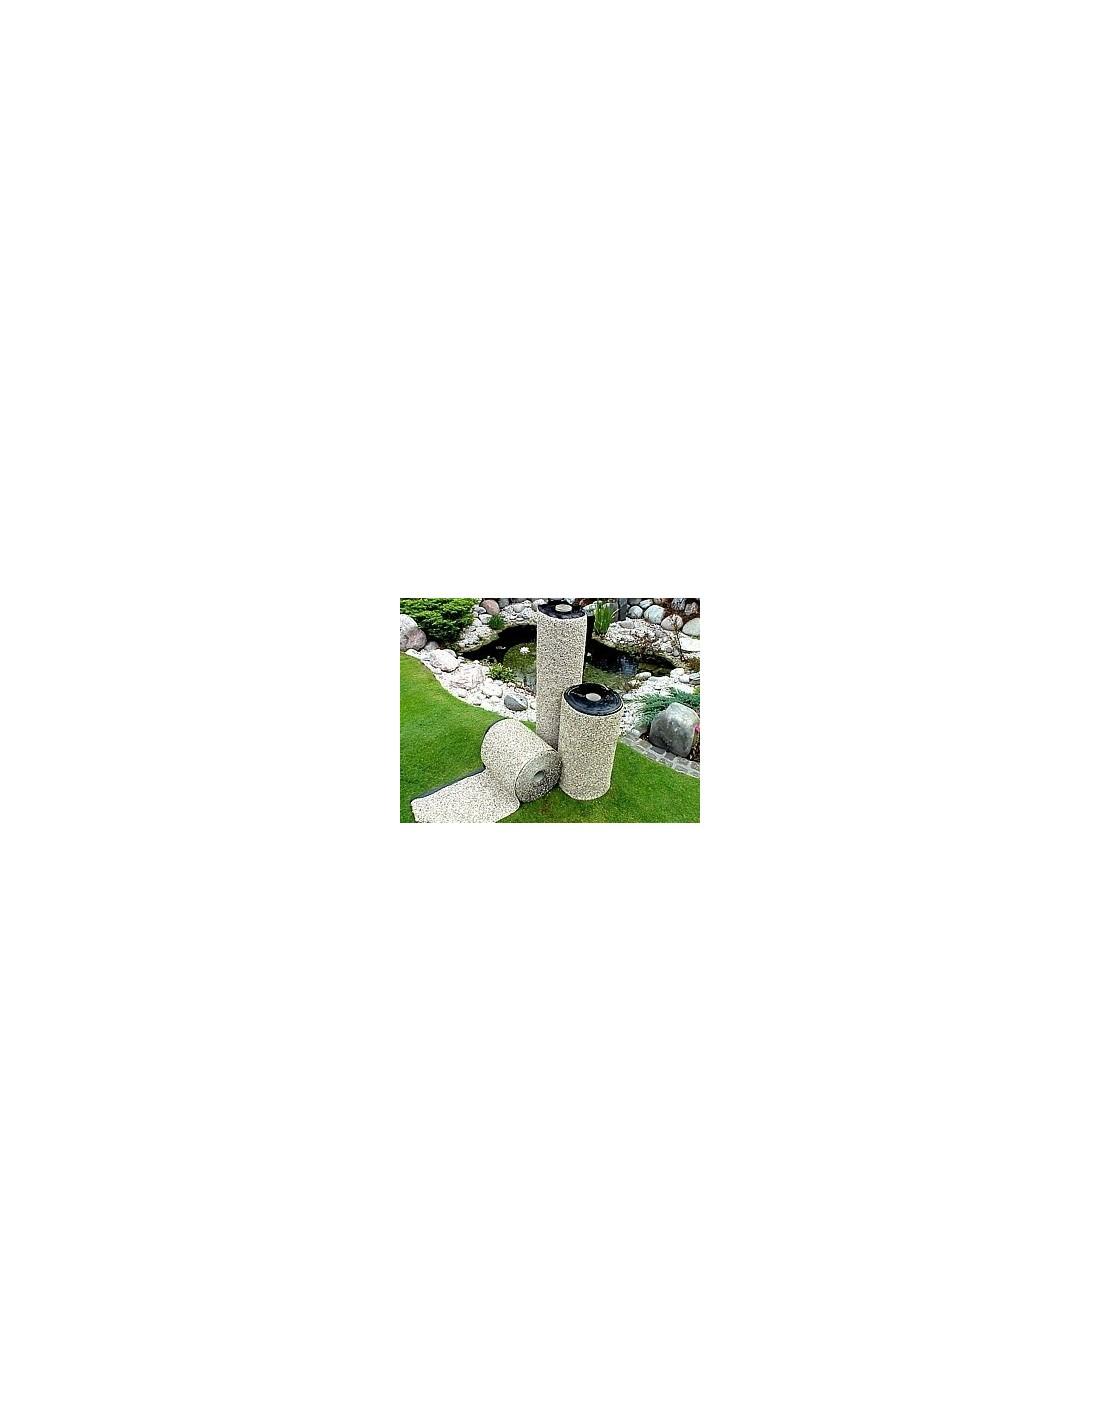 Lona de piedra para estanques for Estanques prefabricados grandes